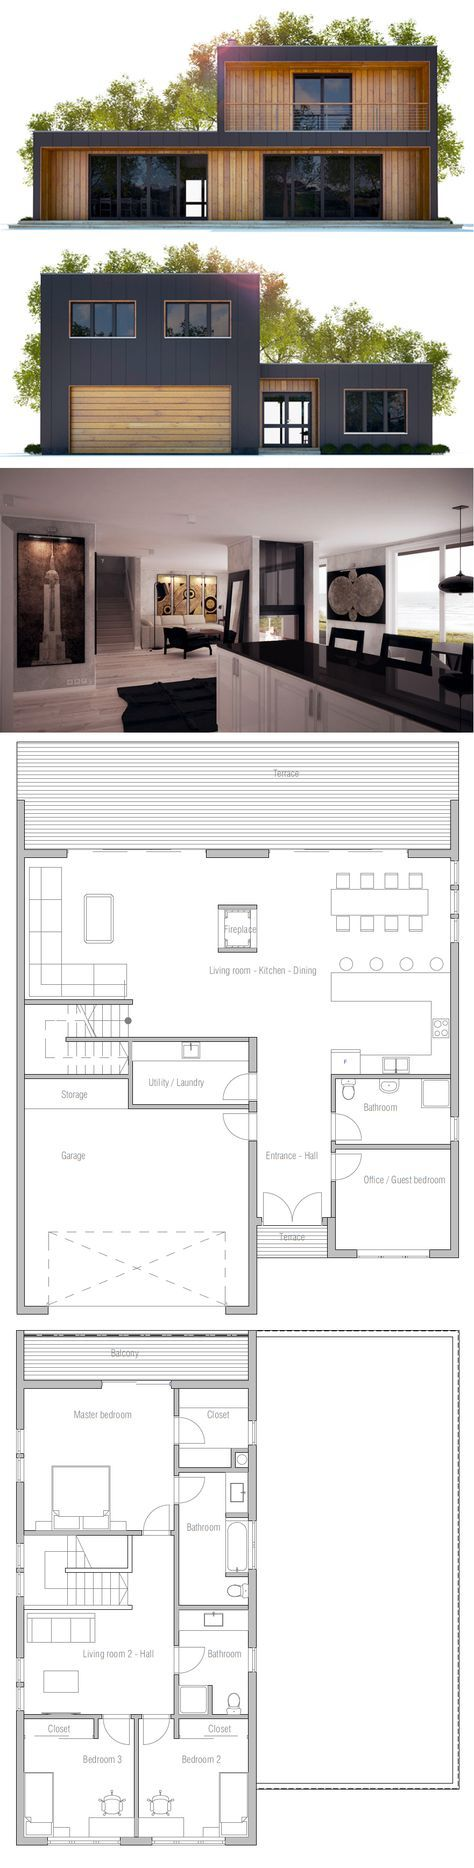 Oltre 25 fantastiche idee su case a 2 piani su pinterest for Piani di casa in collina con garage sottostante